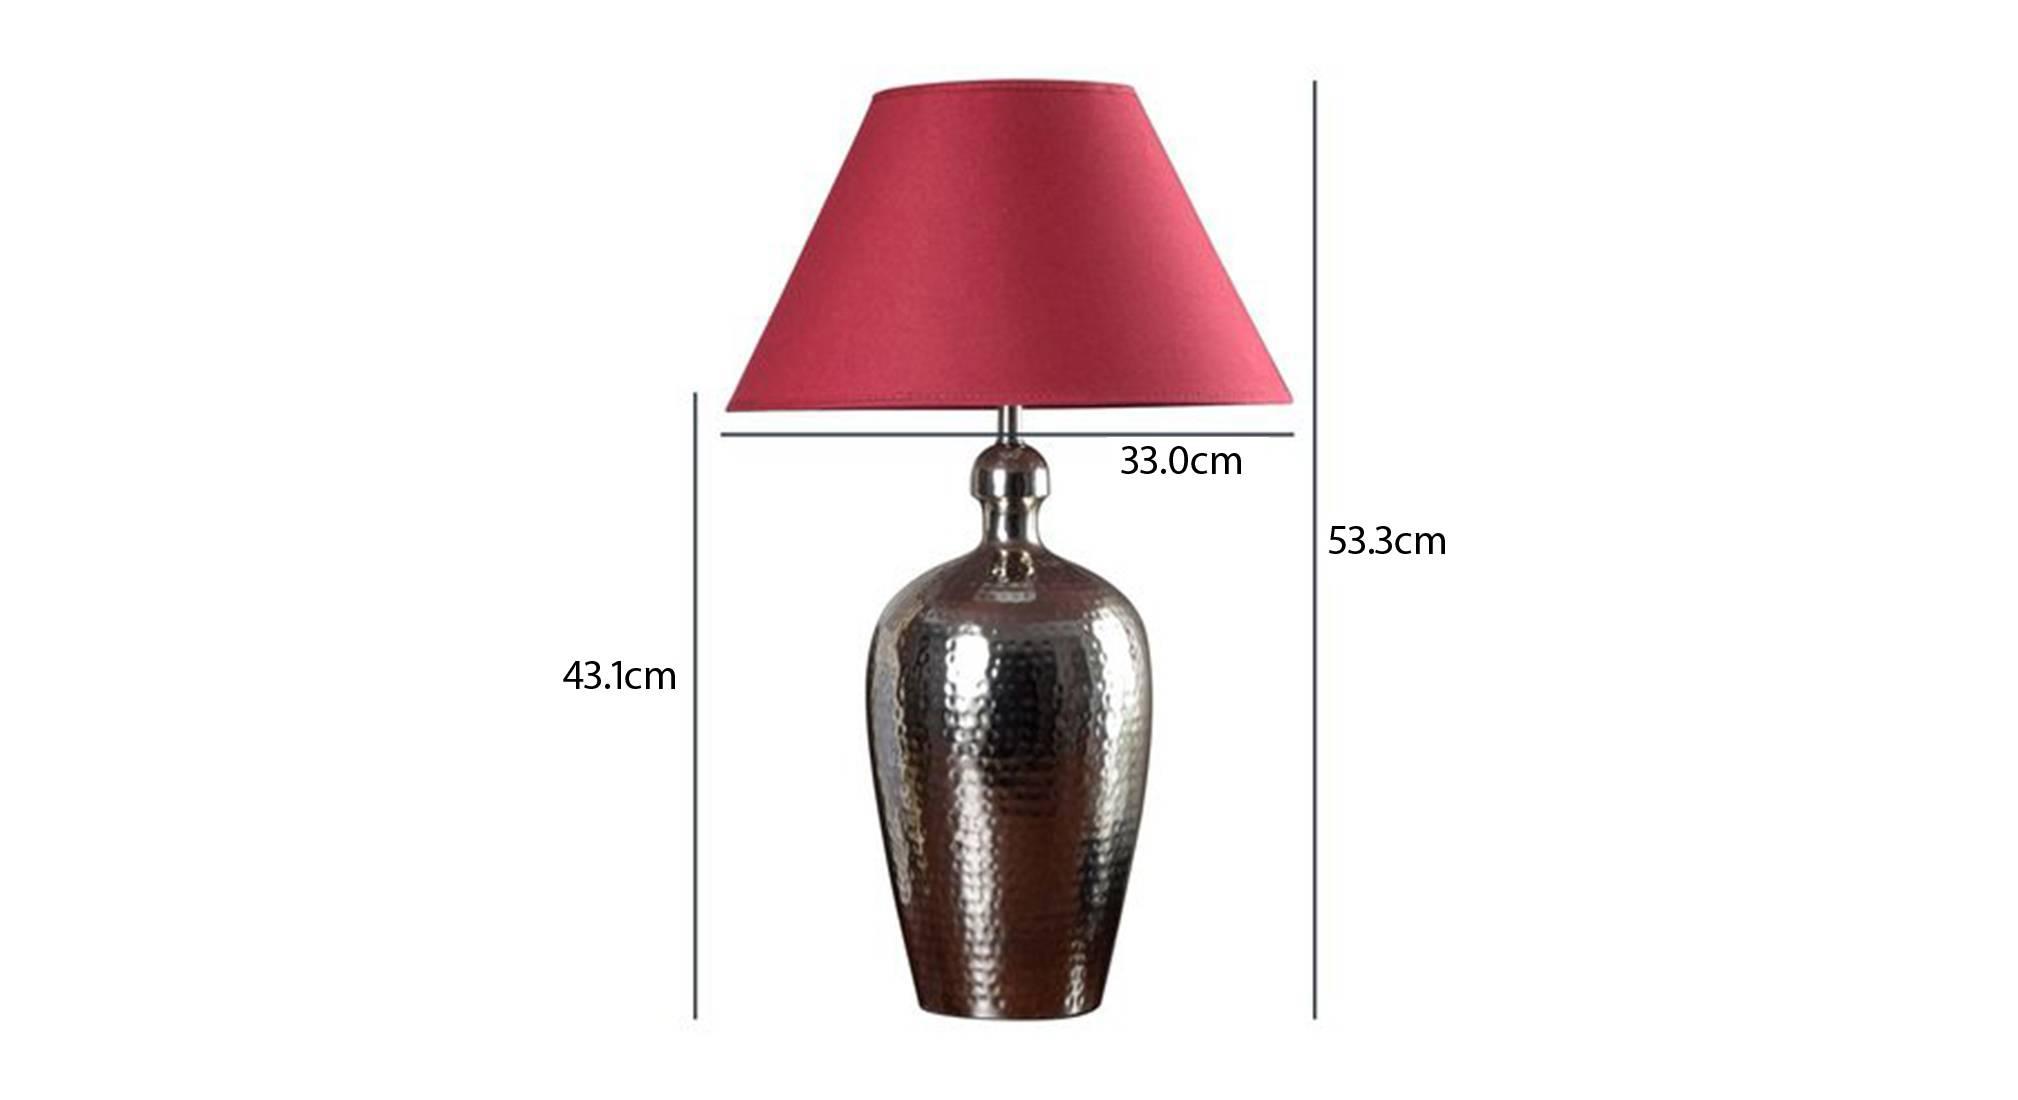 Furn table lamp 5